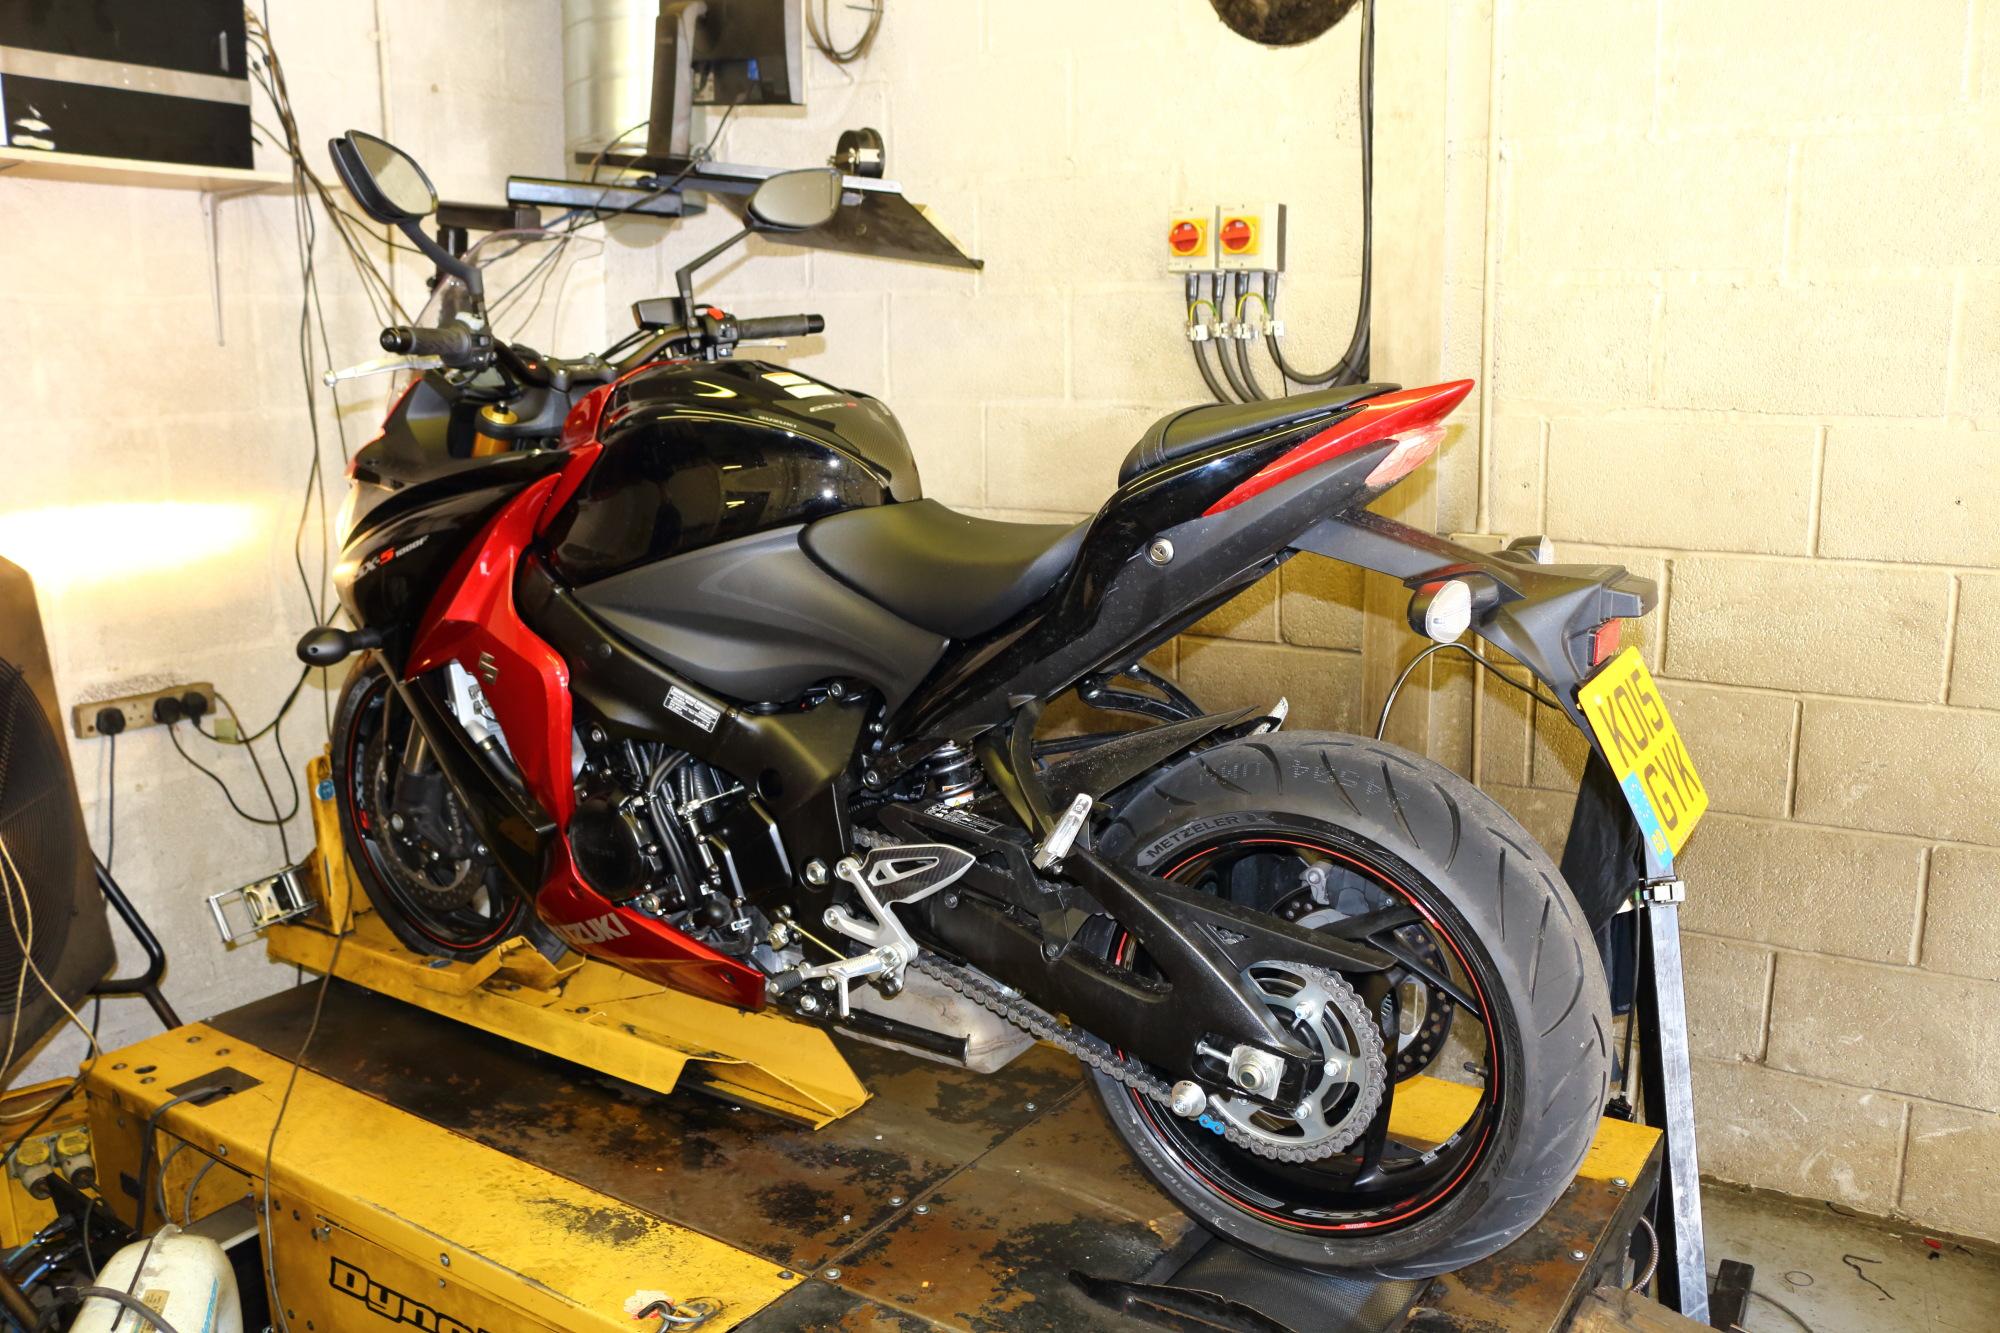 suzuki gsx s1000 dynojet power commander fit superbike. Black Bedroom Furniture Sets. Home Design Ideas